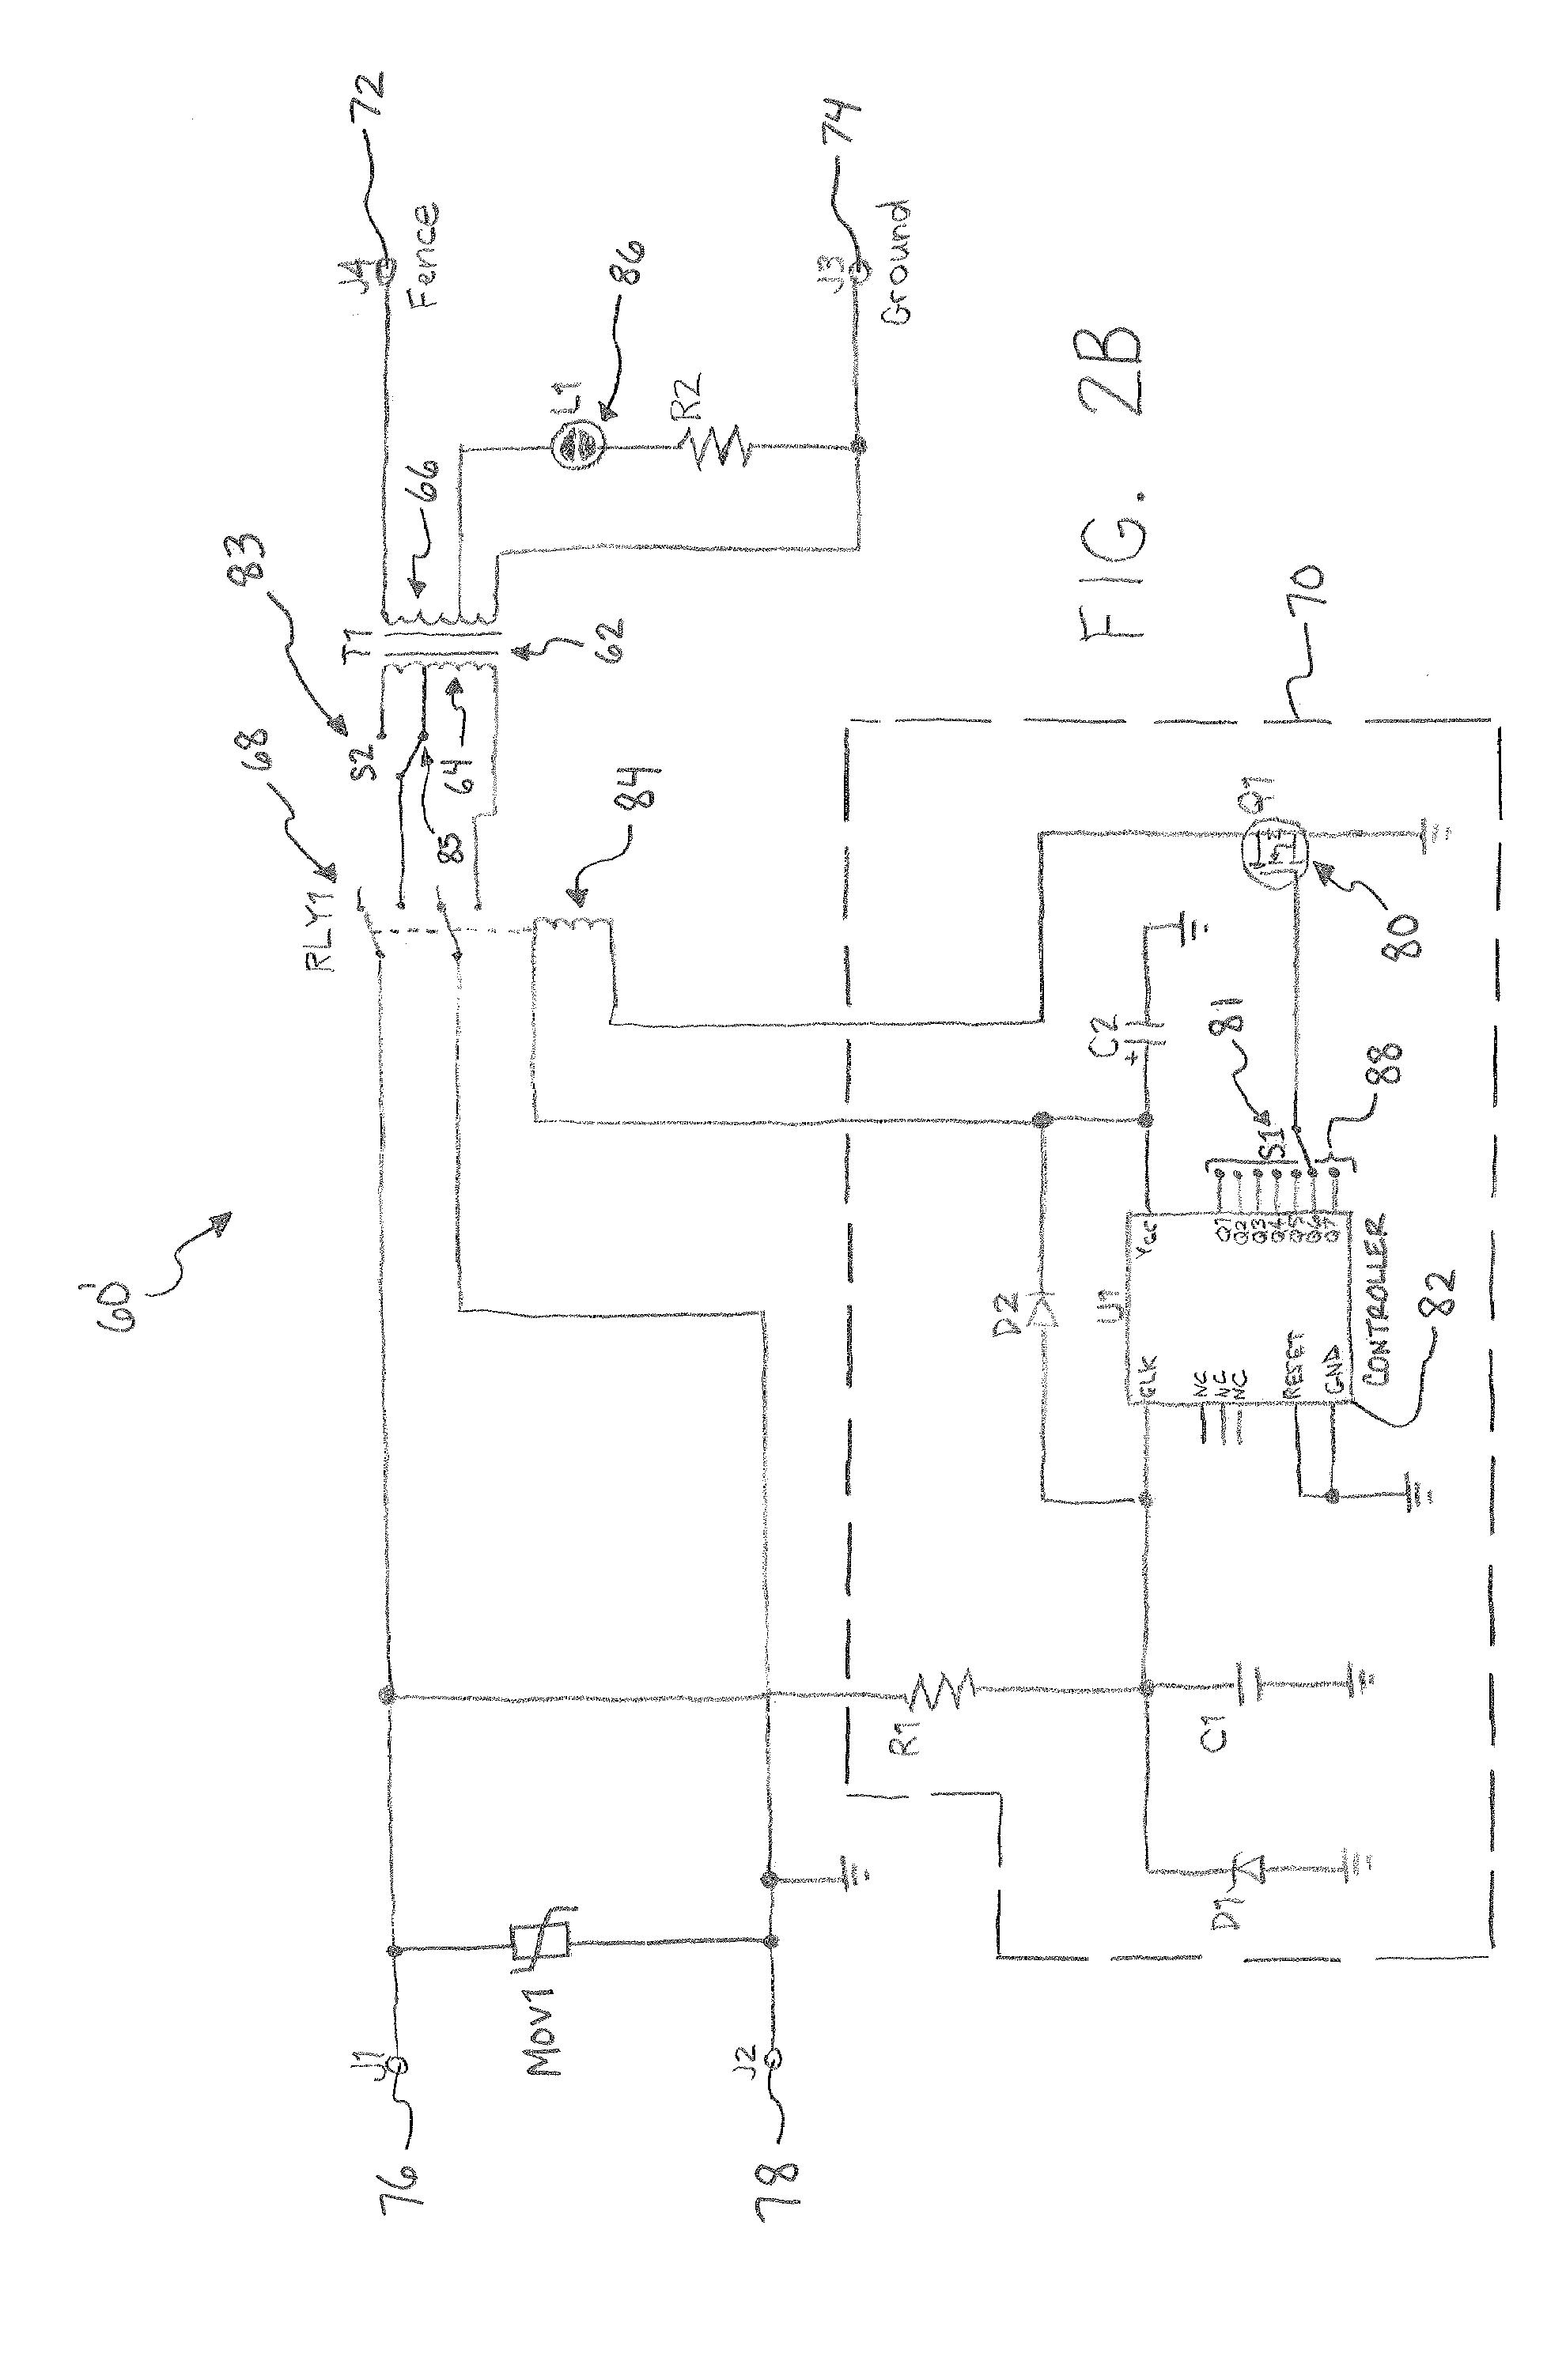 patent us7582988